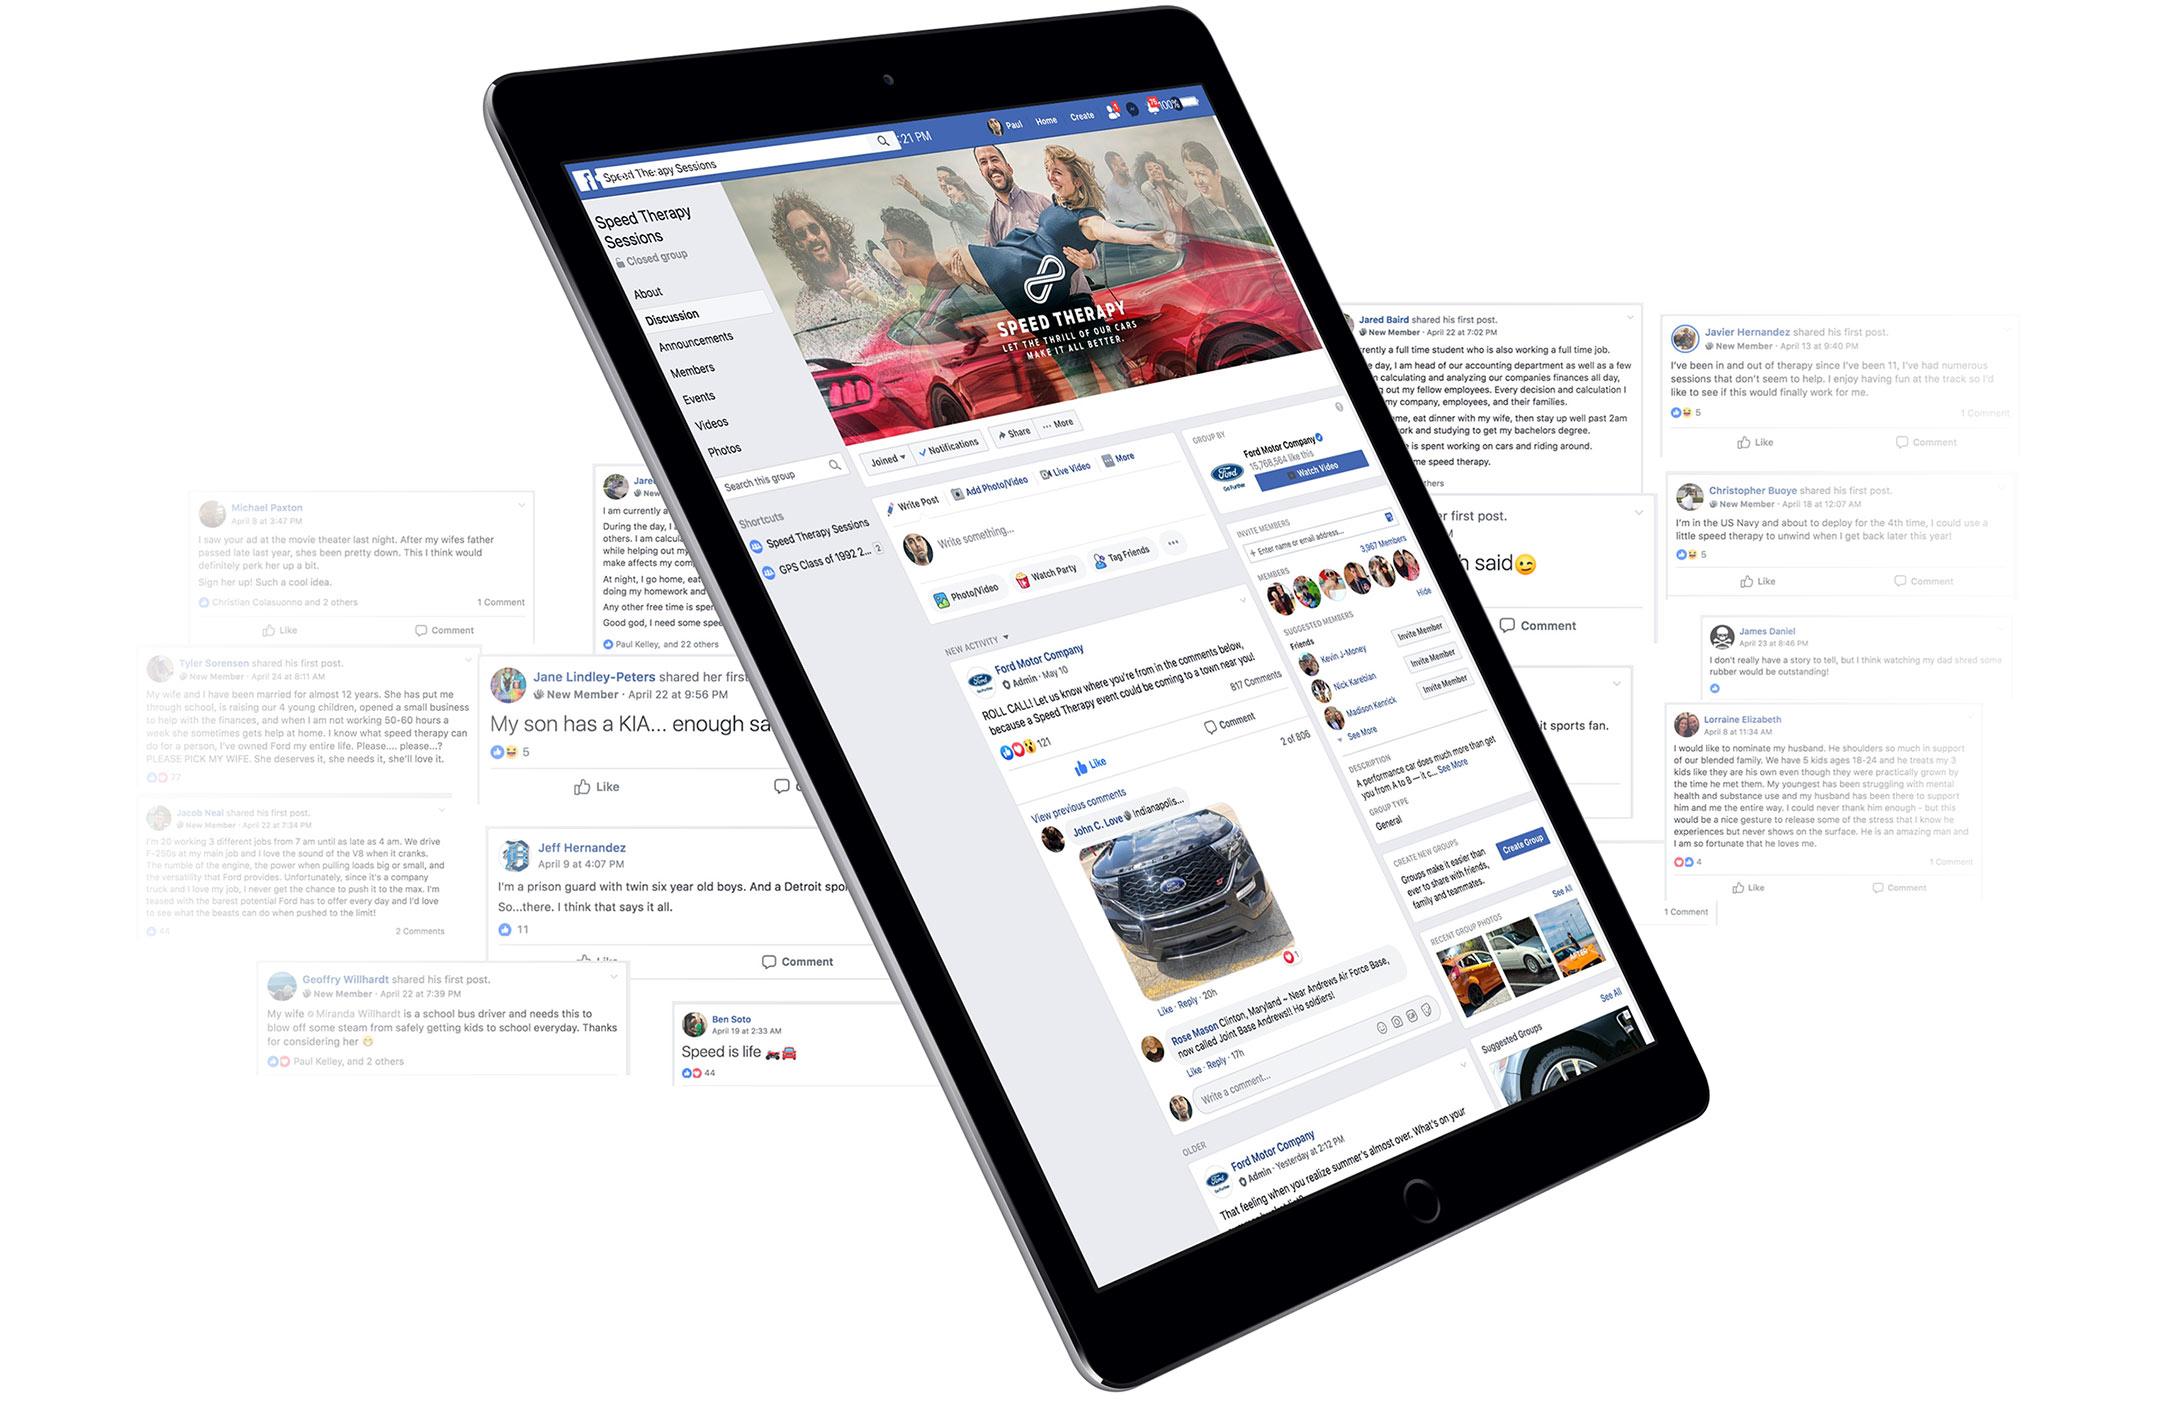 FB-iPad_1_5x_Retina